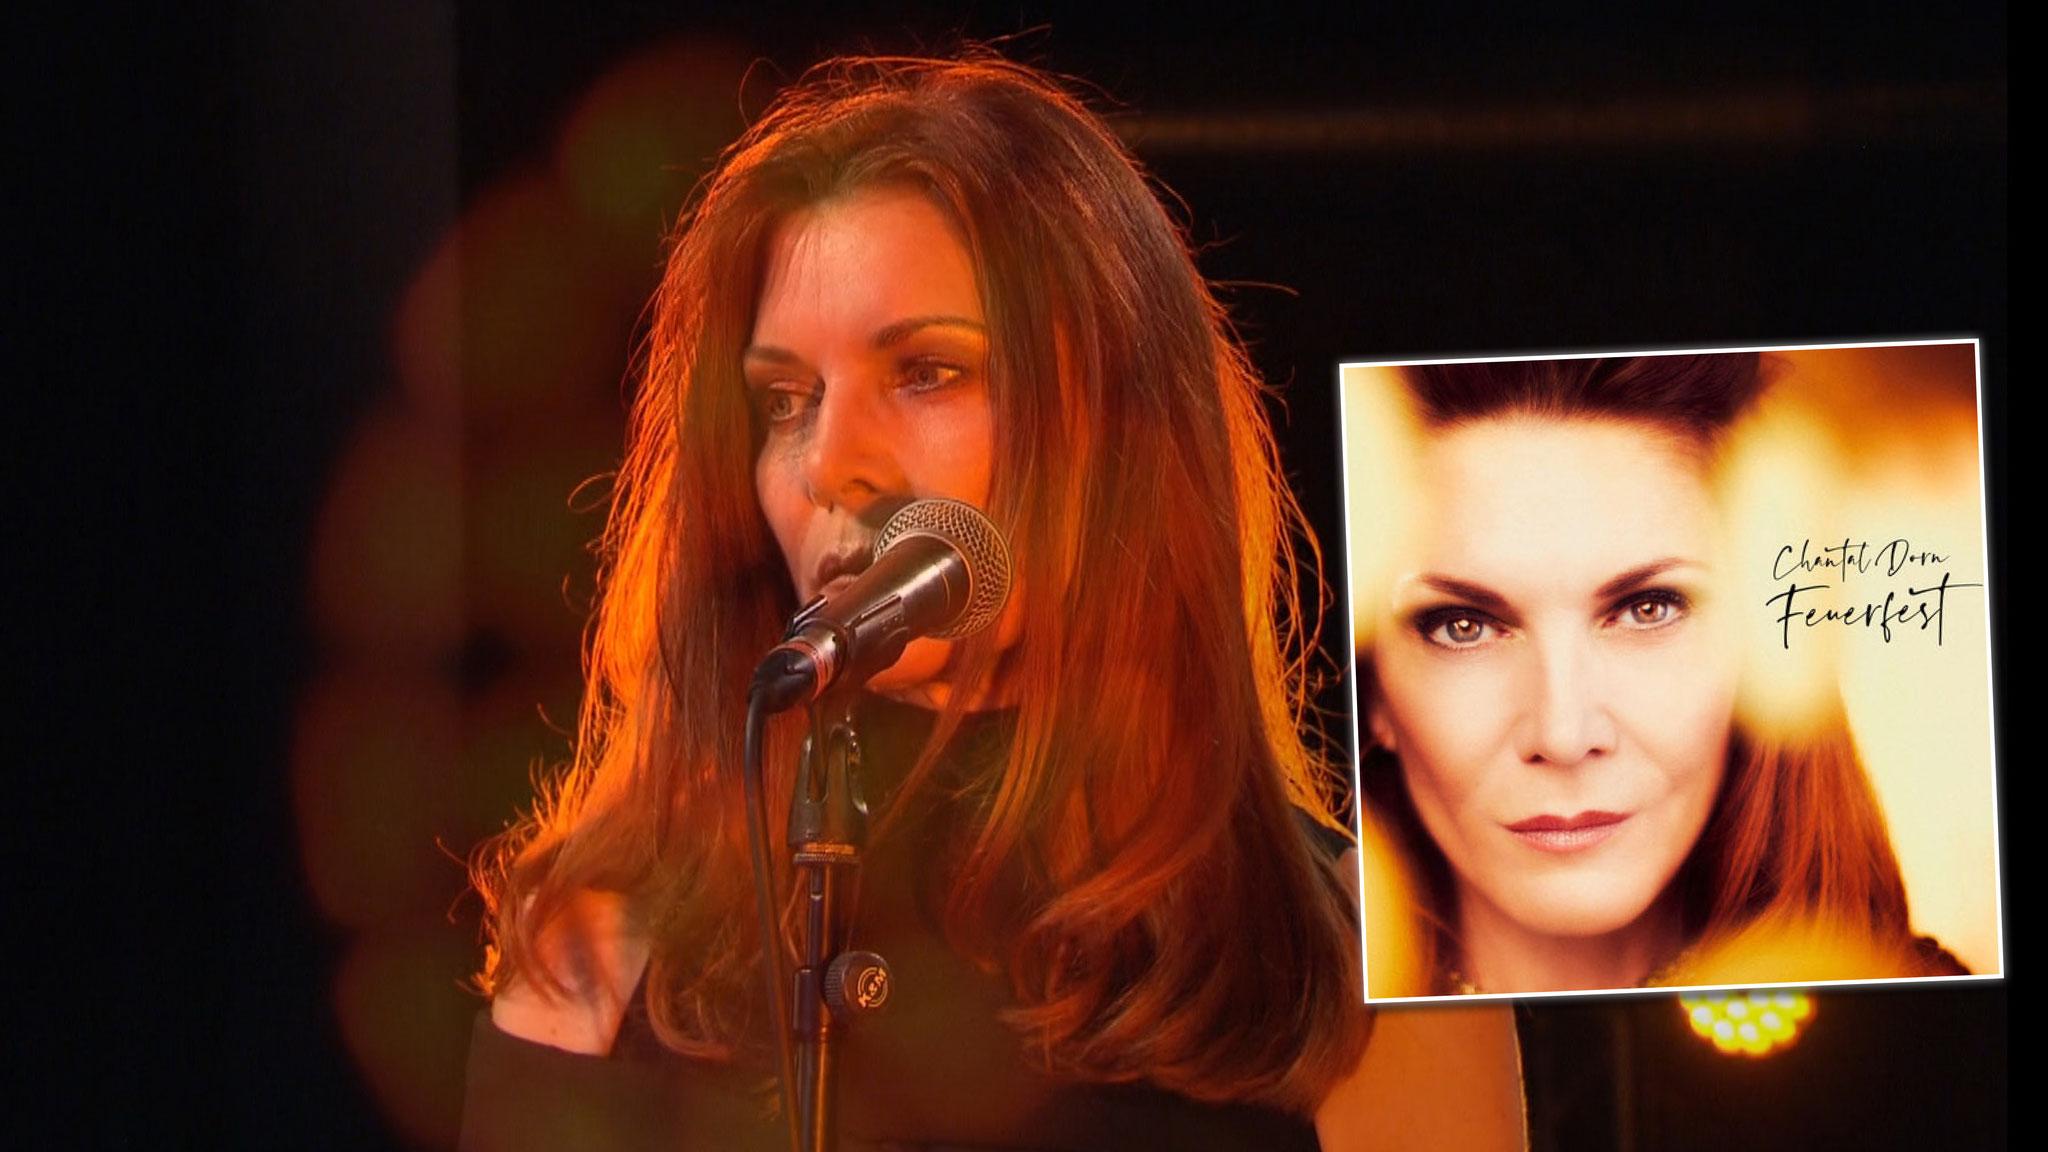 """Chantal Dorn veröffentlicht Album """"Feuerfest"""""""